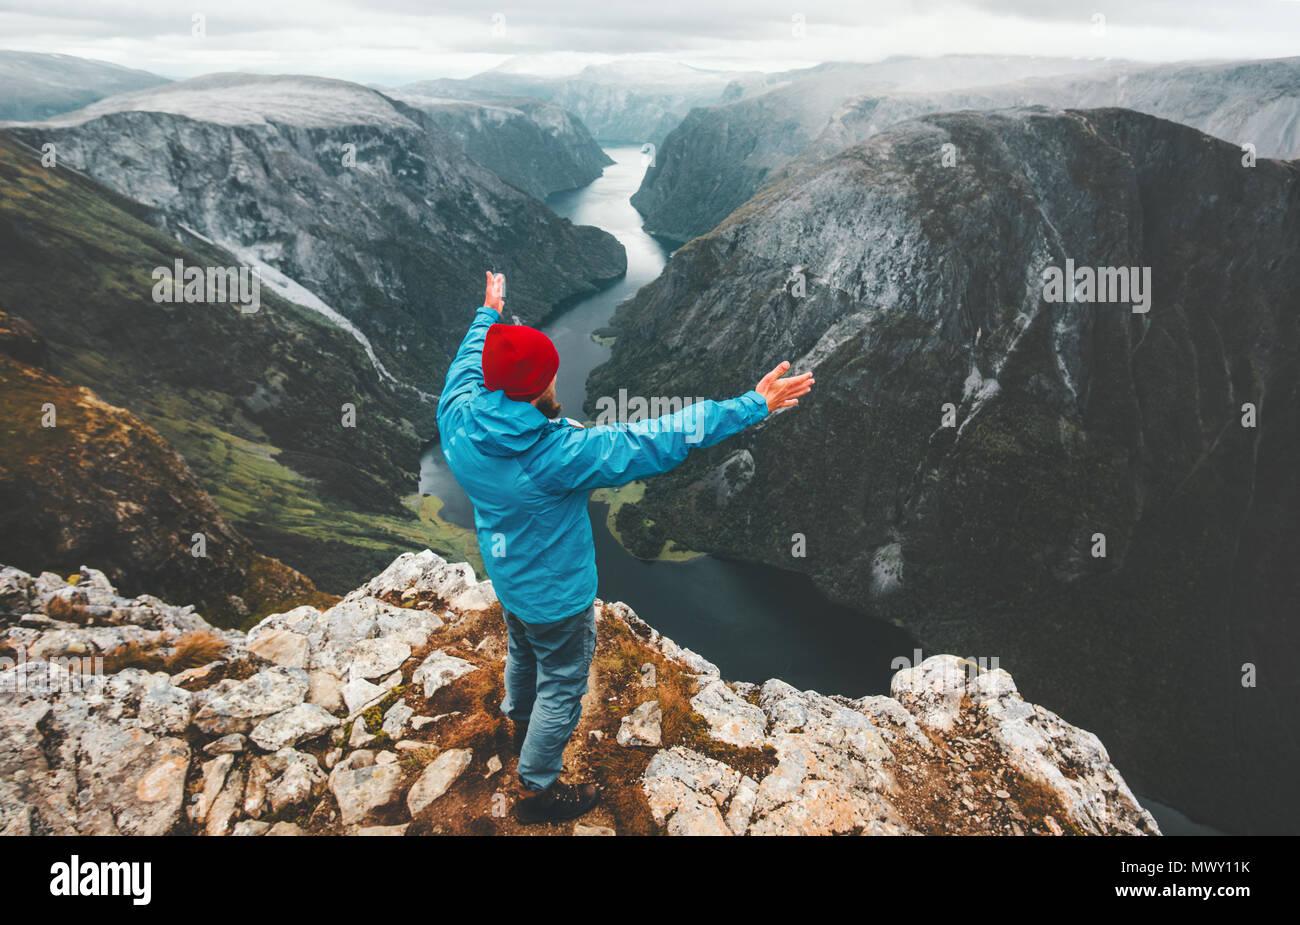 Tapferen reisenden Mann erhobenen Händen Reisen in Norwegen steht auf einer Klippe Berg aktiver Lebensstil Wochenende Abenteuer Ferien erfolg konzept Ae Stockbild